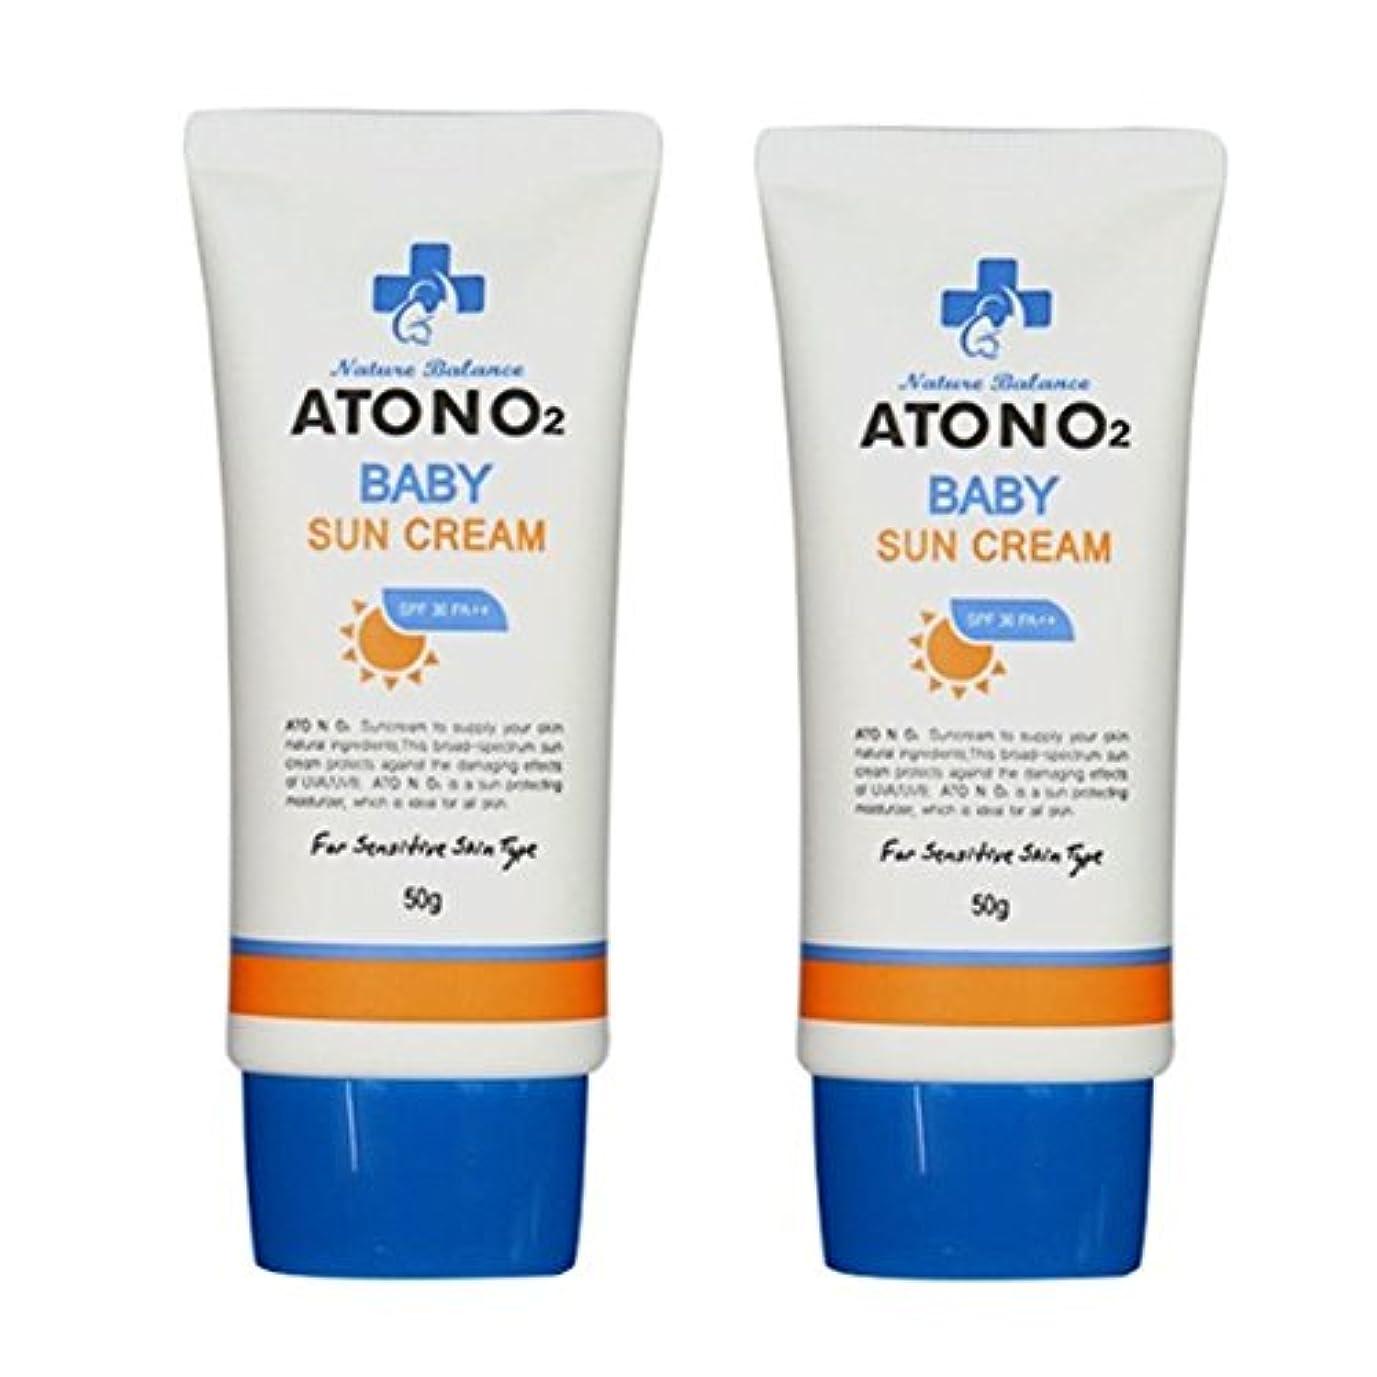 痛いアンペアどれでも(ATONO2) ベビーサン?クリーム (SPF30/PA++) 50g x 2本セット ATONO2 Baby Sun Cream (SPF30/PA++) 50g x 2ea Set [並行輸入品]